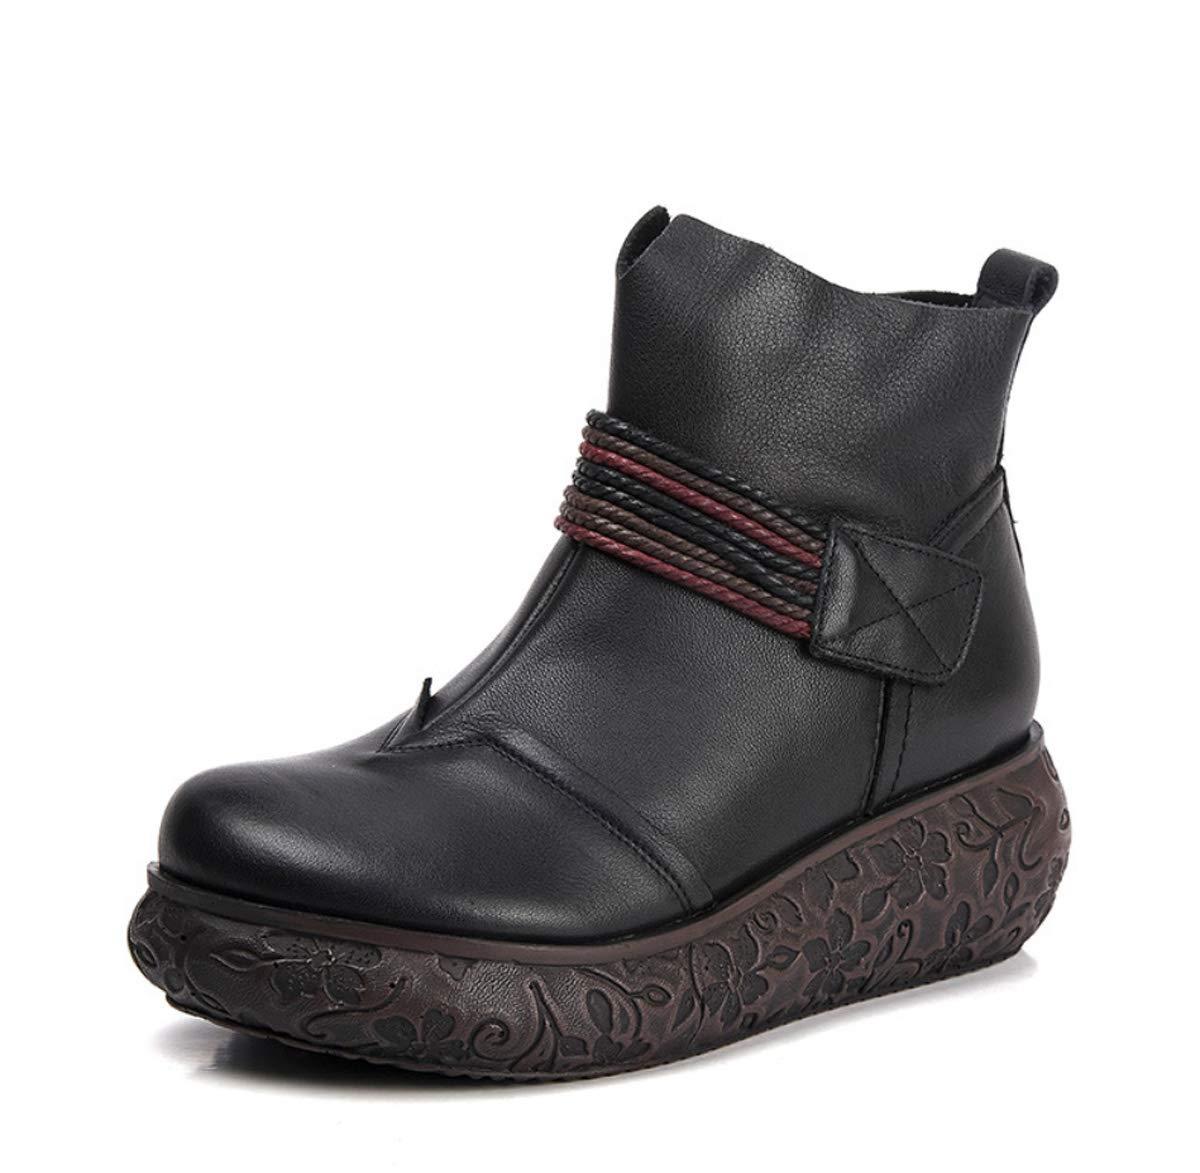 DANDANJIE Stiefel für Damen Vintage Comfort Schuhe mit Keilabsatz Damen National Style Stiefelies für 2018 Herbst Winter